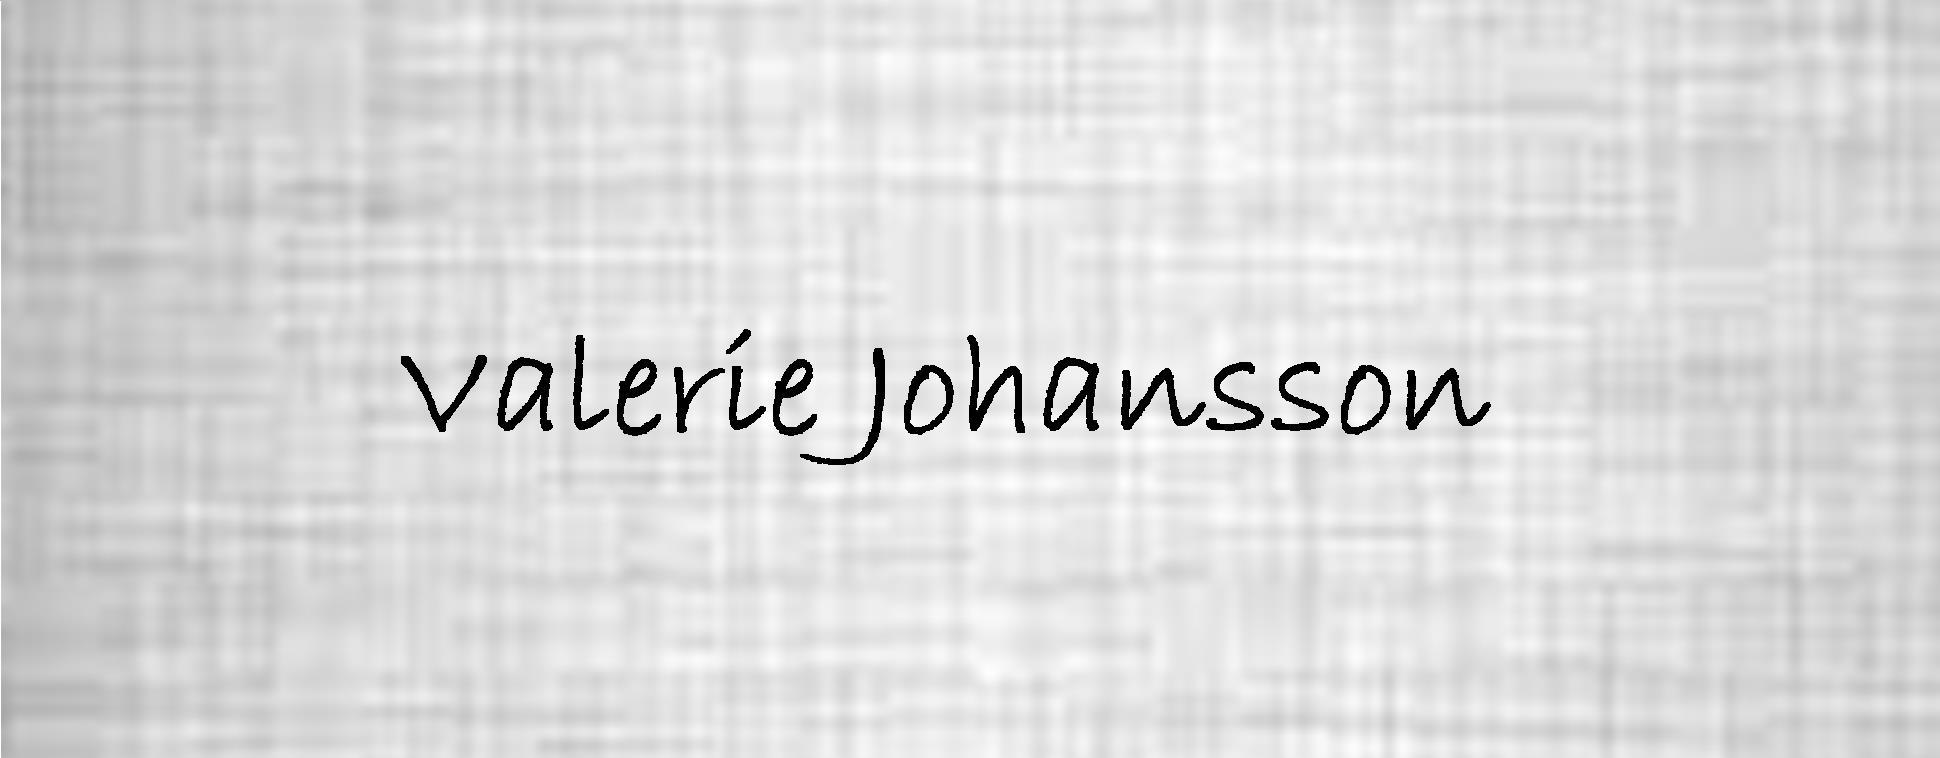 Valerie Johansson.jpg